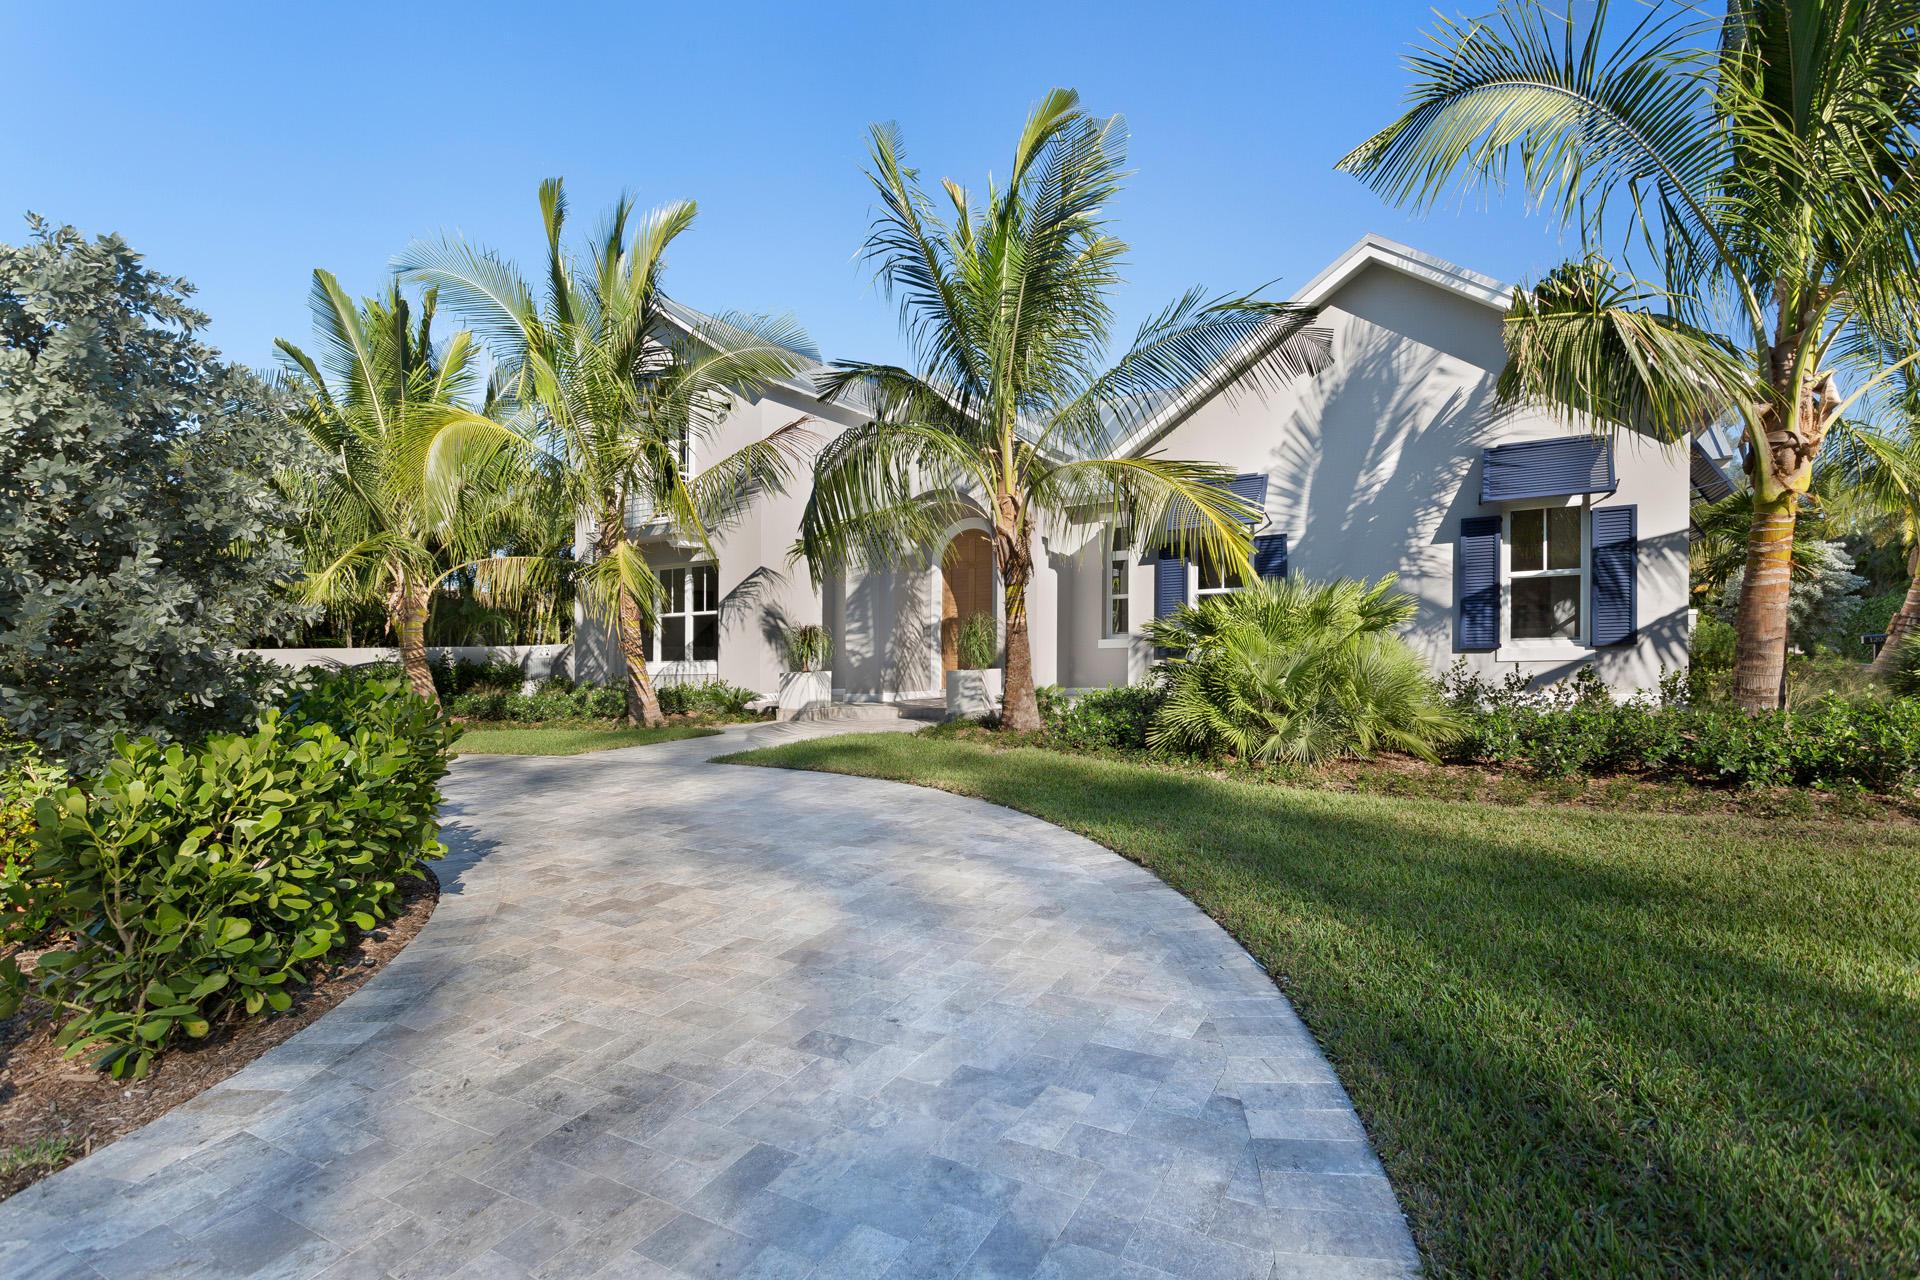 1203 Hammond Road, Delray Beach, Florida 33483, 4 Bedrooms Bedrooms, ,4.1 BathroomsBathrooms,Single Family Detached,For Sale,Hammond,RX-10465527